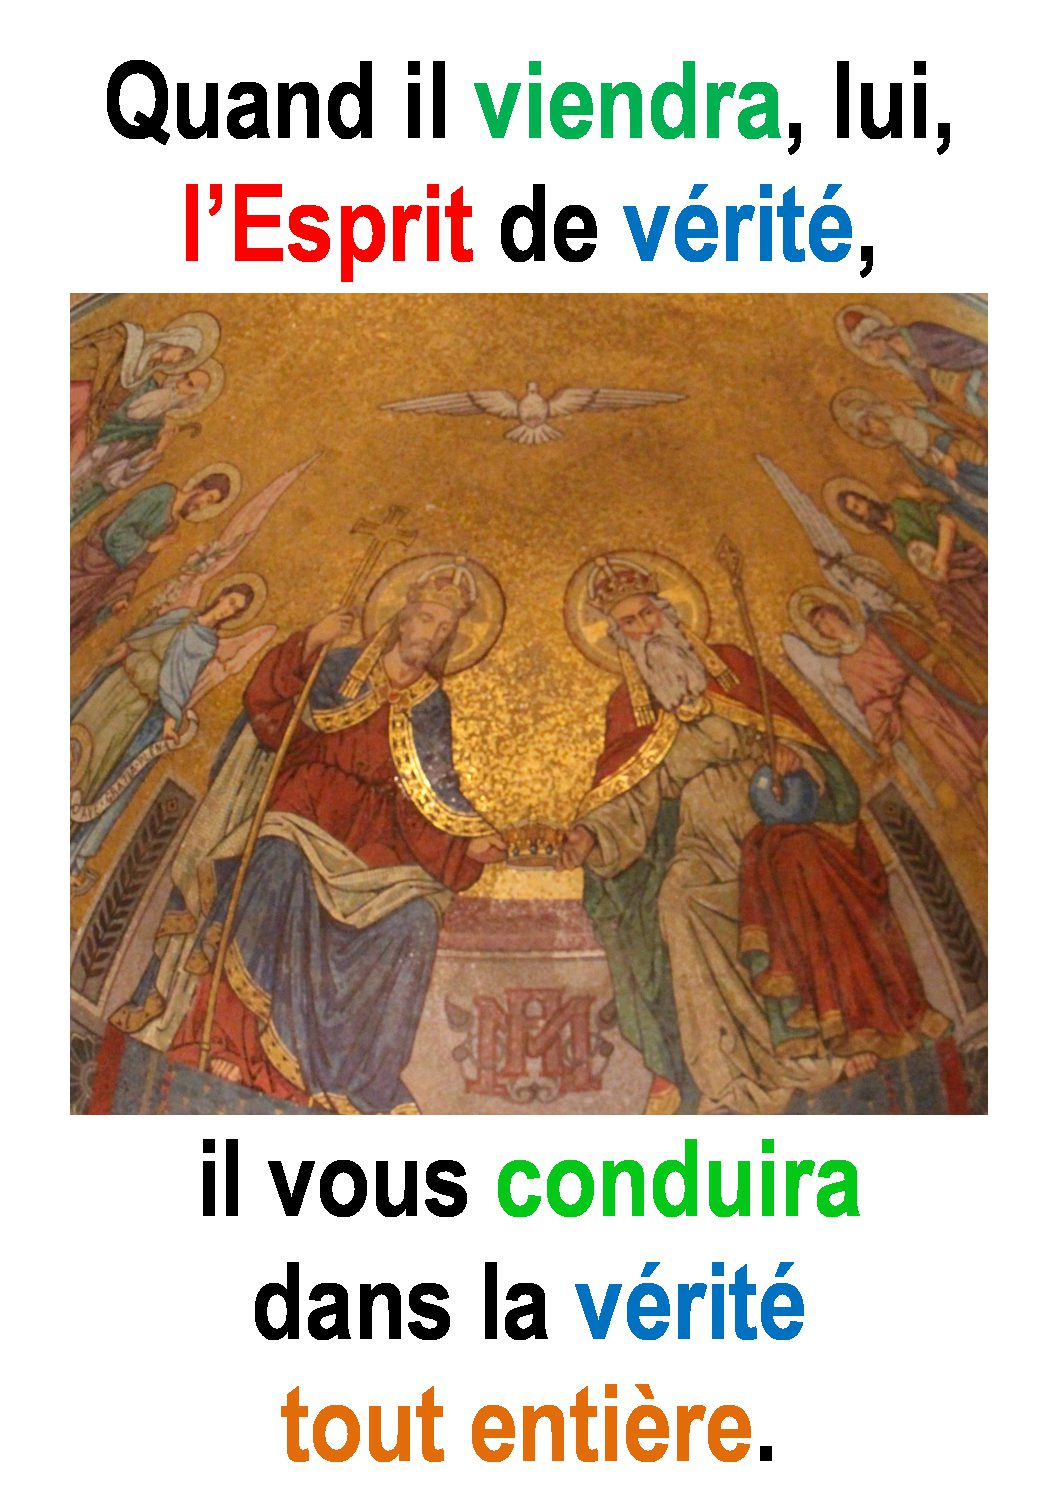 La Sainte Trinité (Jean 16, 12-15) : «L'Esprit de vérité vous conduira dans la Vérité toute entière.» (Francis Cousin)